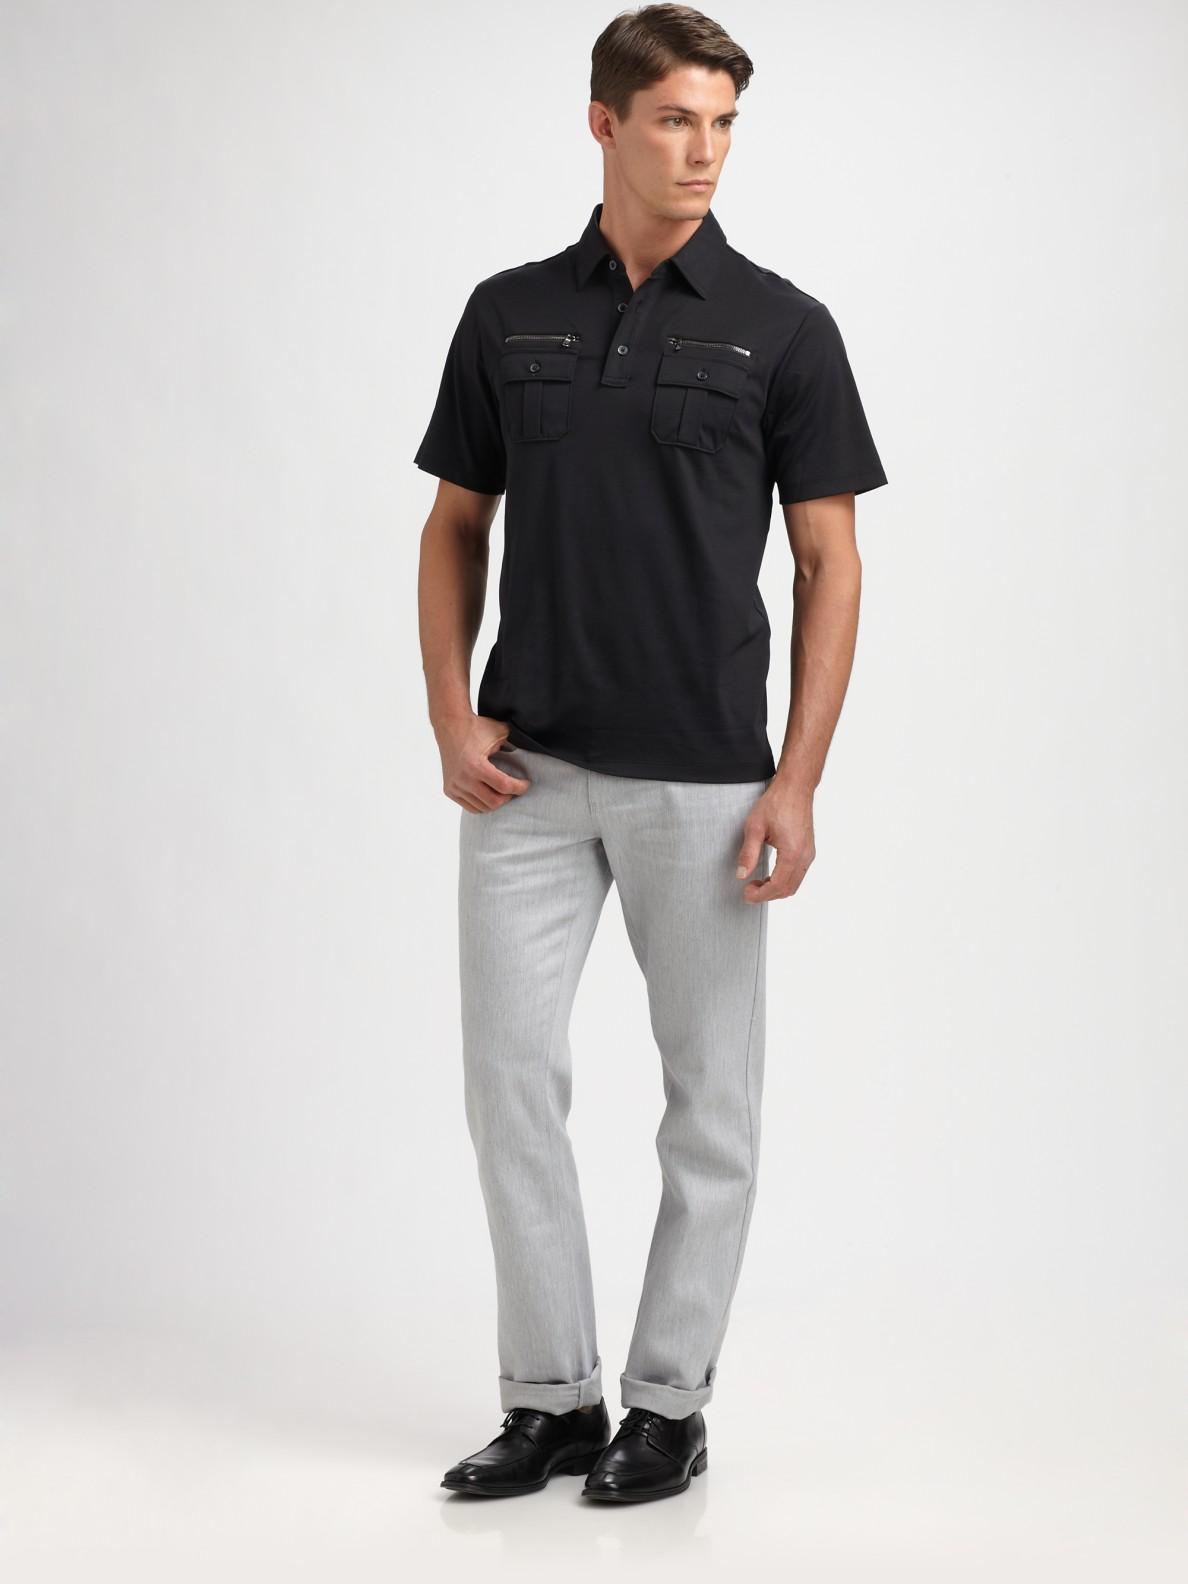 Lyst Michael Kors Zipper Pocket Polo Shirt In Black For Men